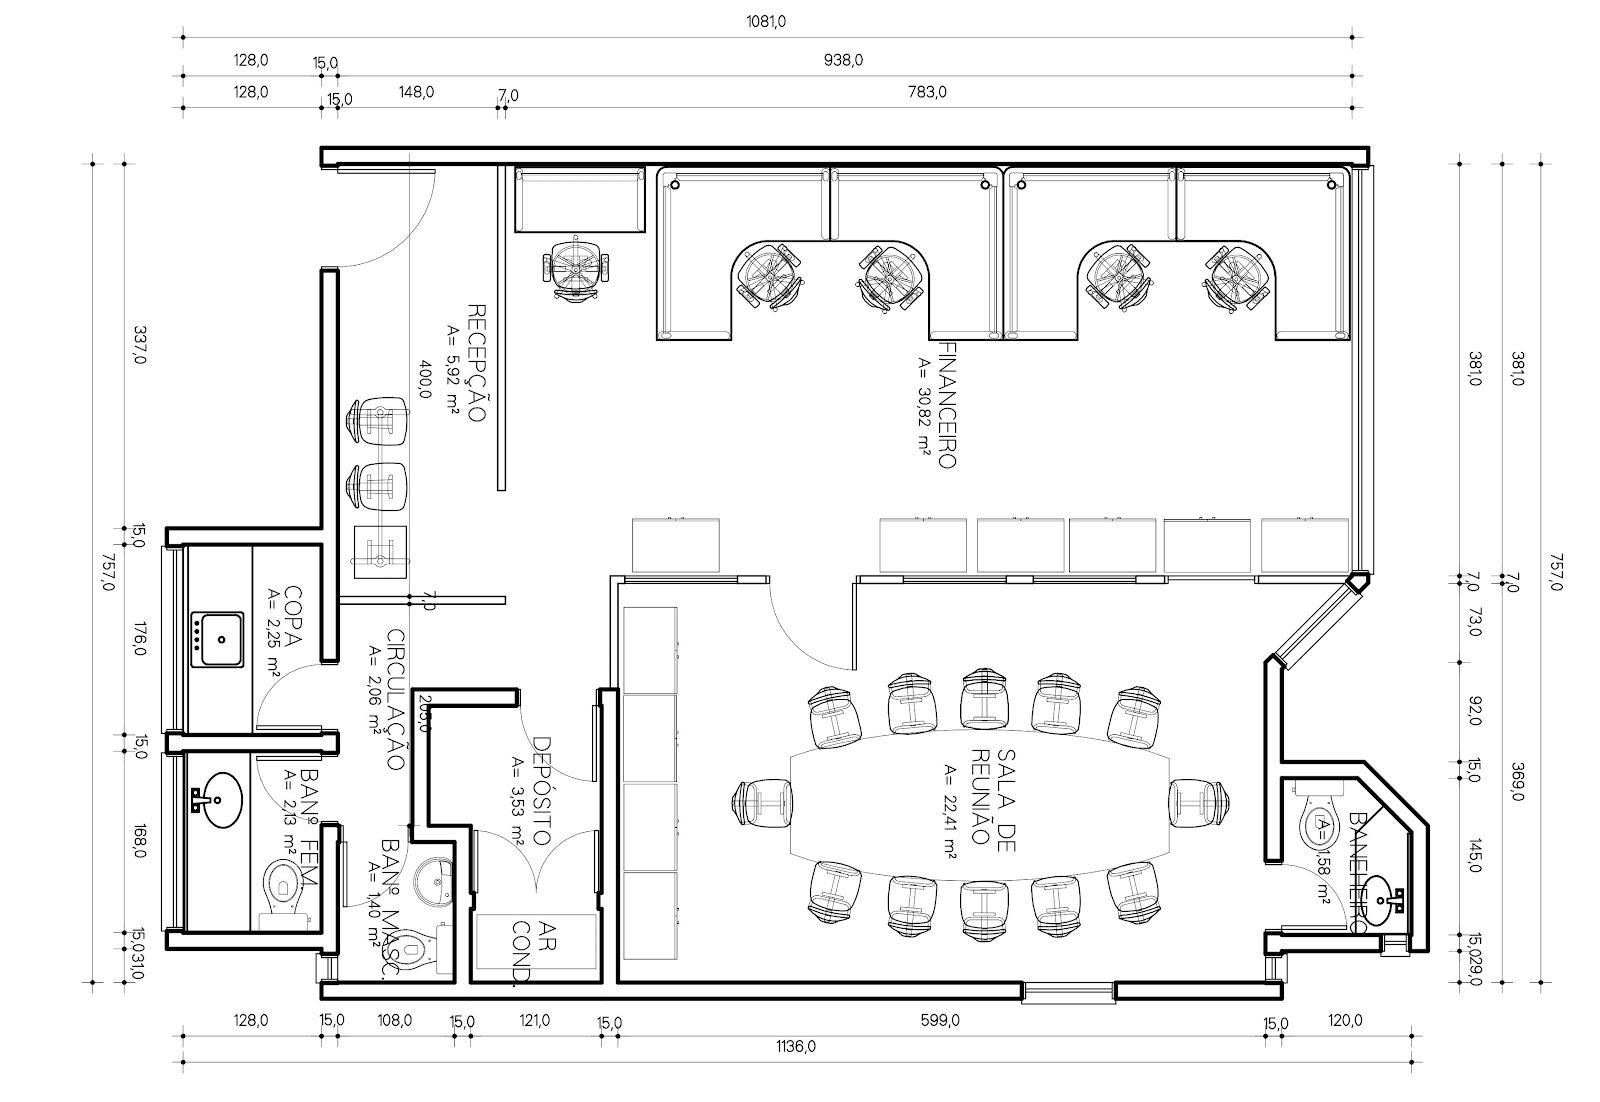 Plantas Casas Projetos Modelos Planta Baixa Ptax Dyndns PelautsCom #434343 1600 1102